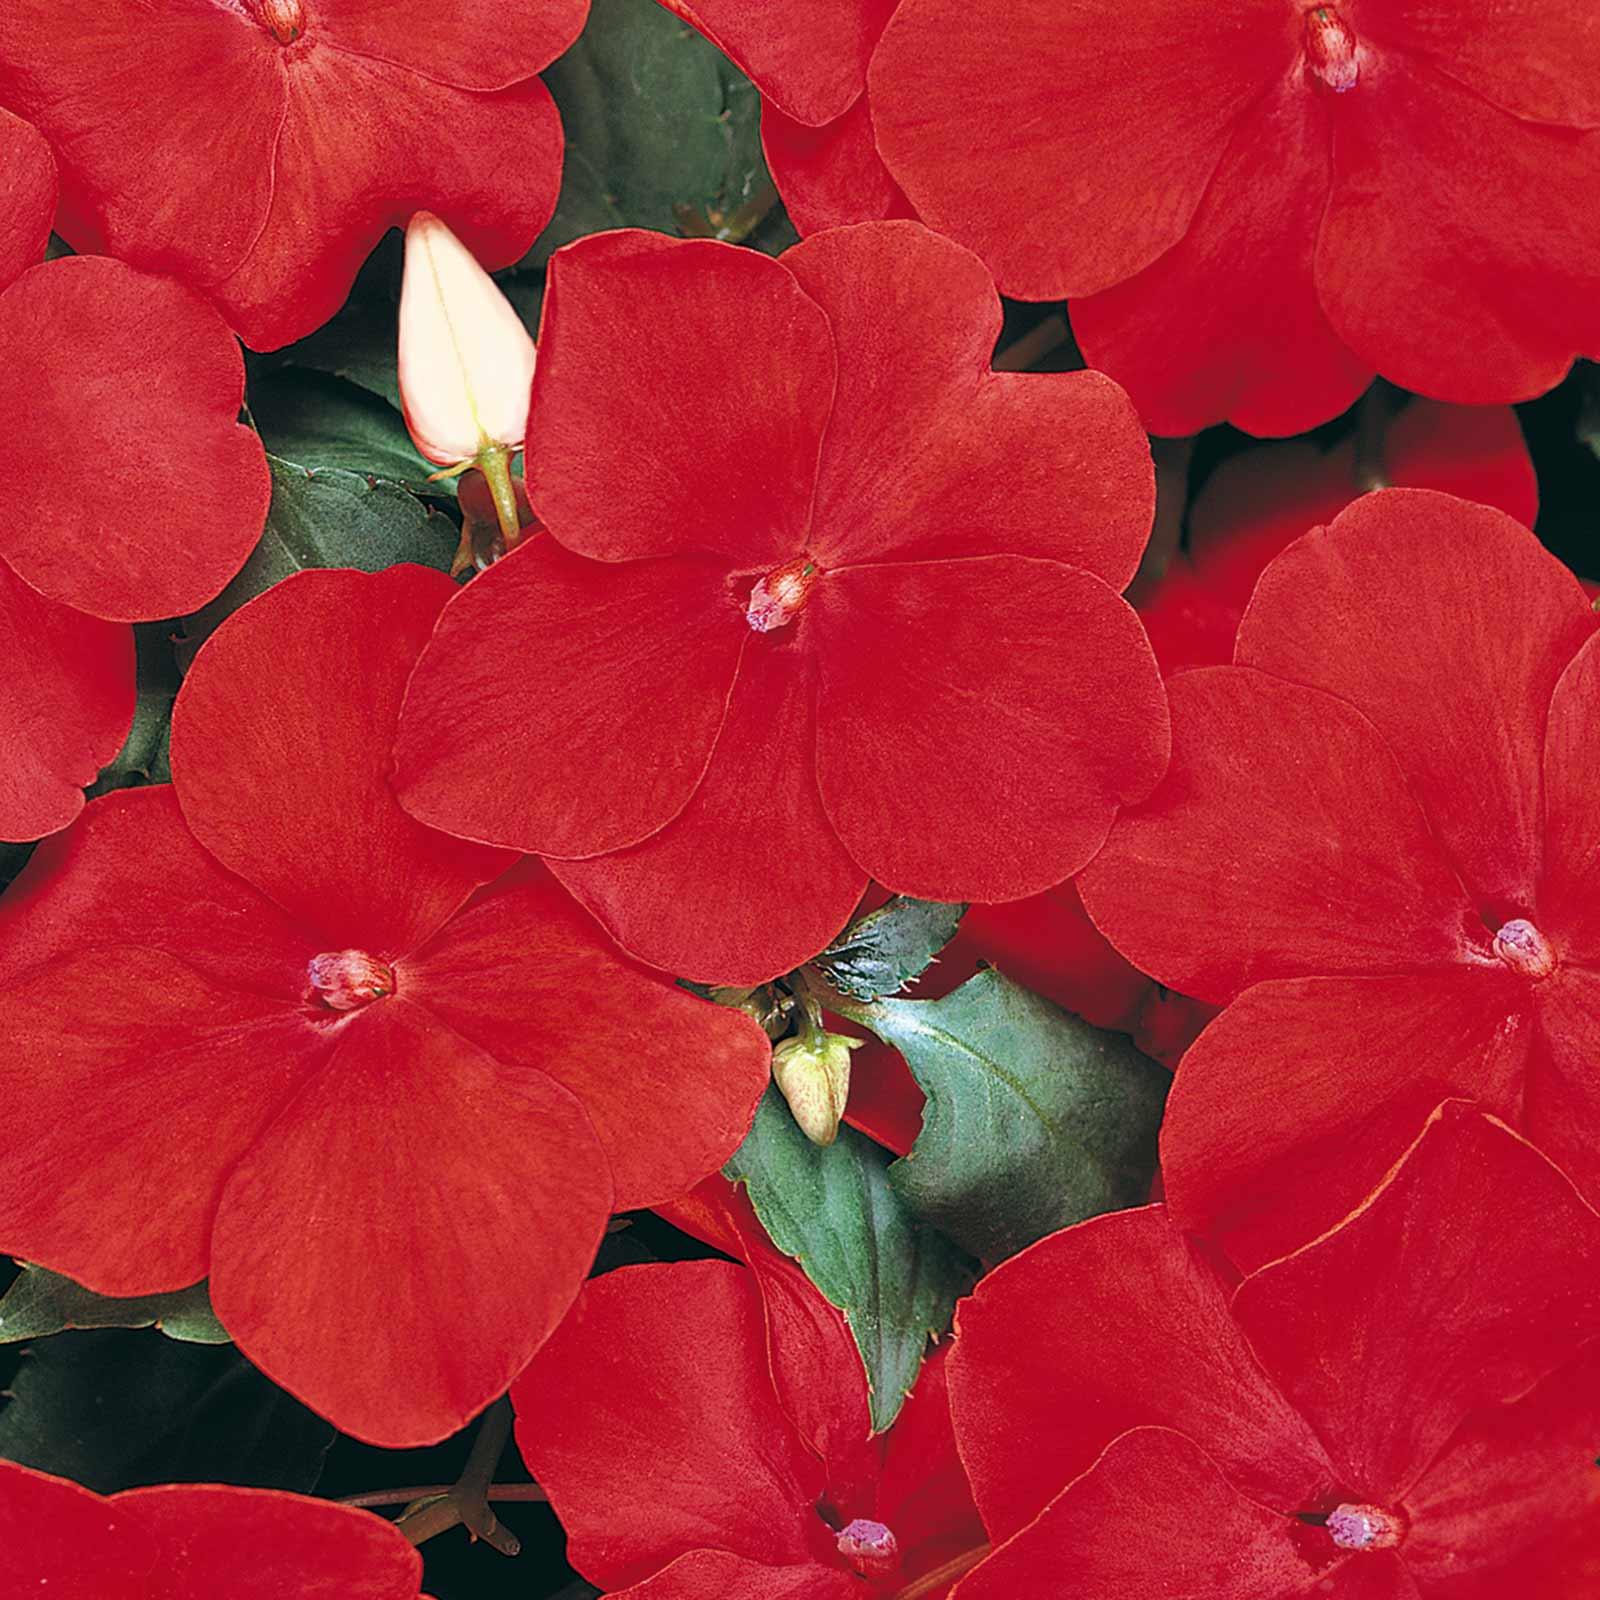 Impatiens Flower Garden Seeds F1 Dazzler Series Red 500 Seeds